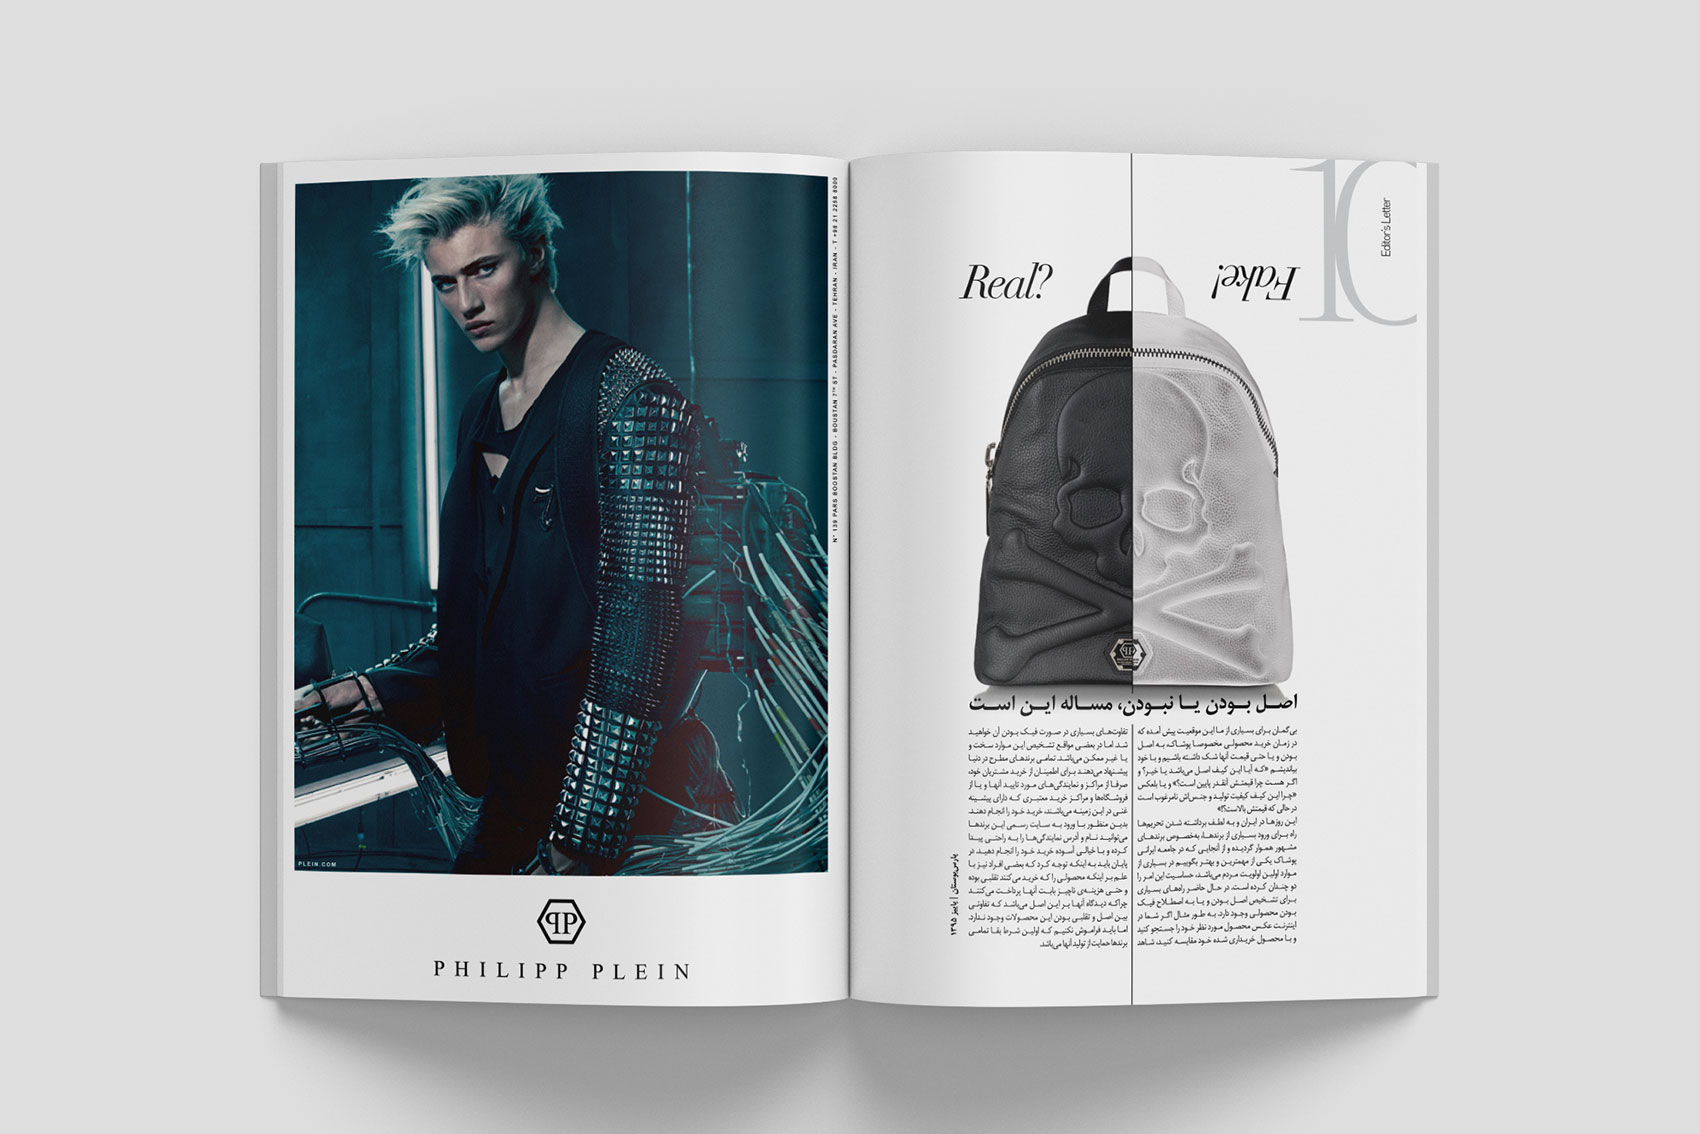 PARSBOOSTAN Magazine